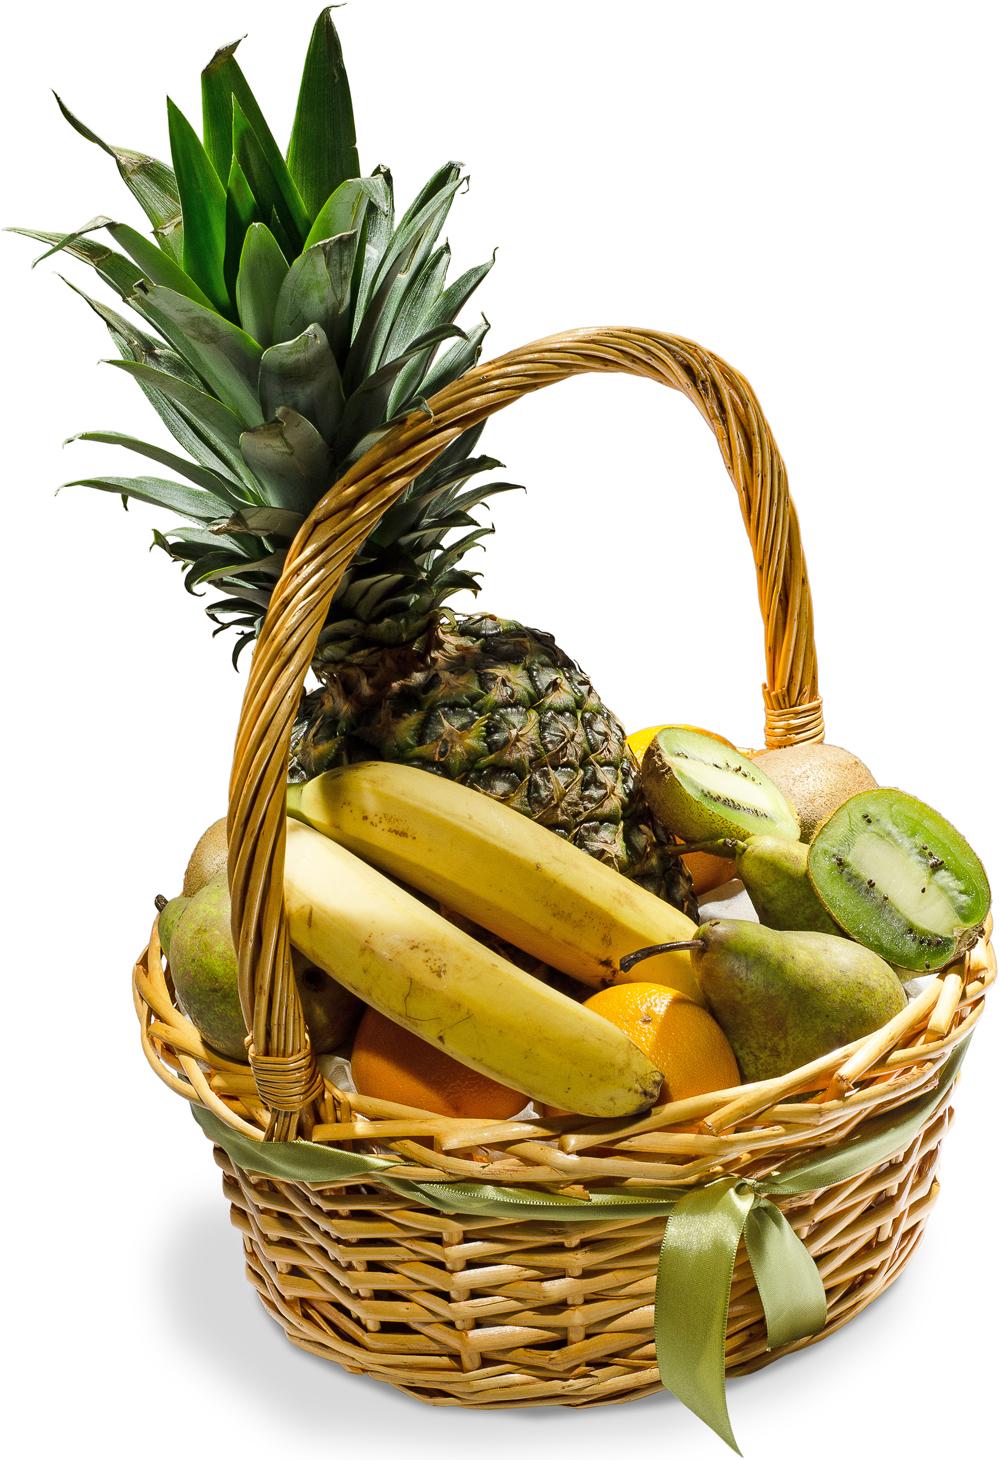 Ананас и бананы<br>Ингредиенты: Корзина средн. 1 шт, Апельсин 4 шт, Ананас 1 шт, Банан 2 шт, Груша 3 шт, Киви 4 шт;